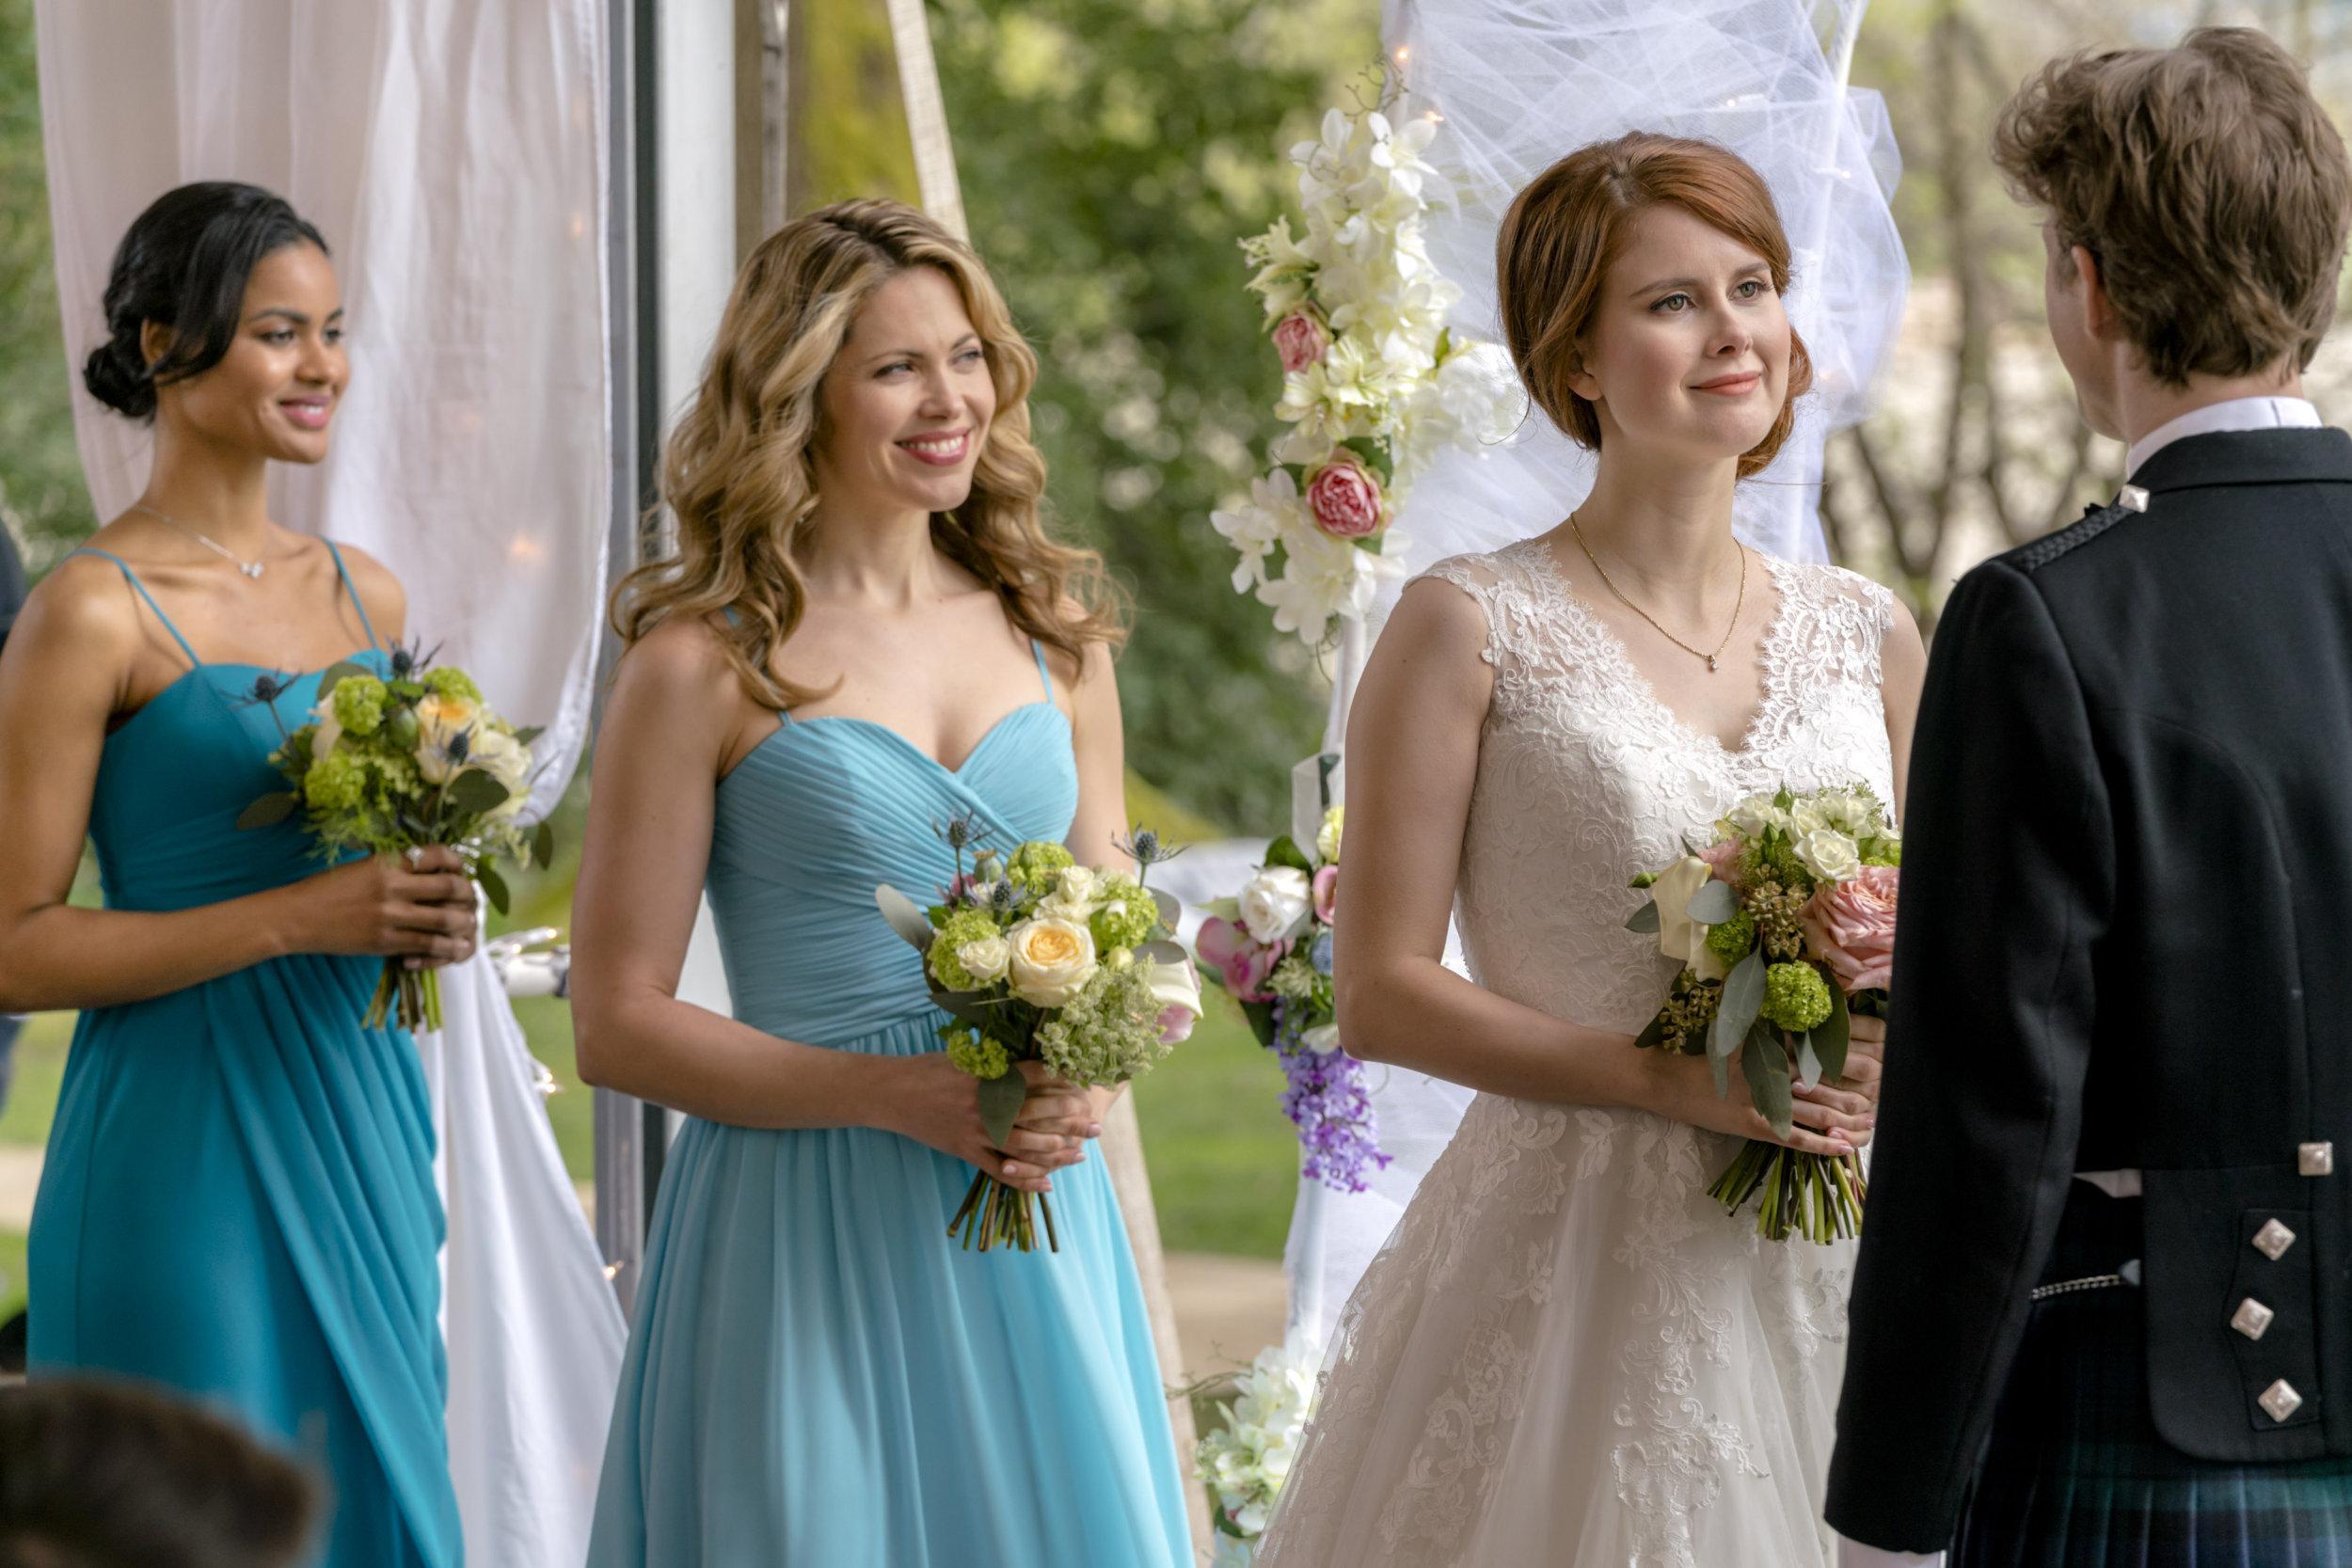 The Perfect Bride Photos 12